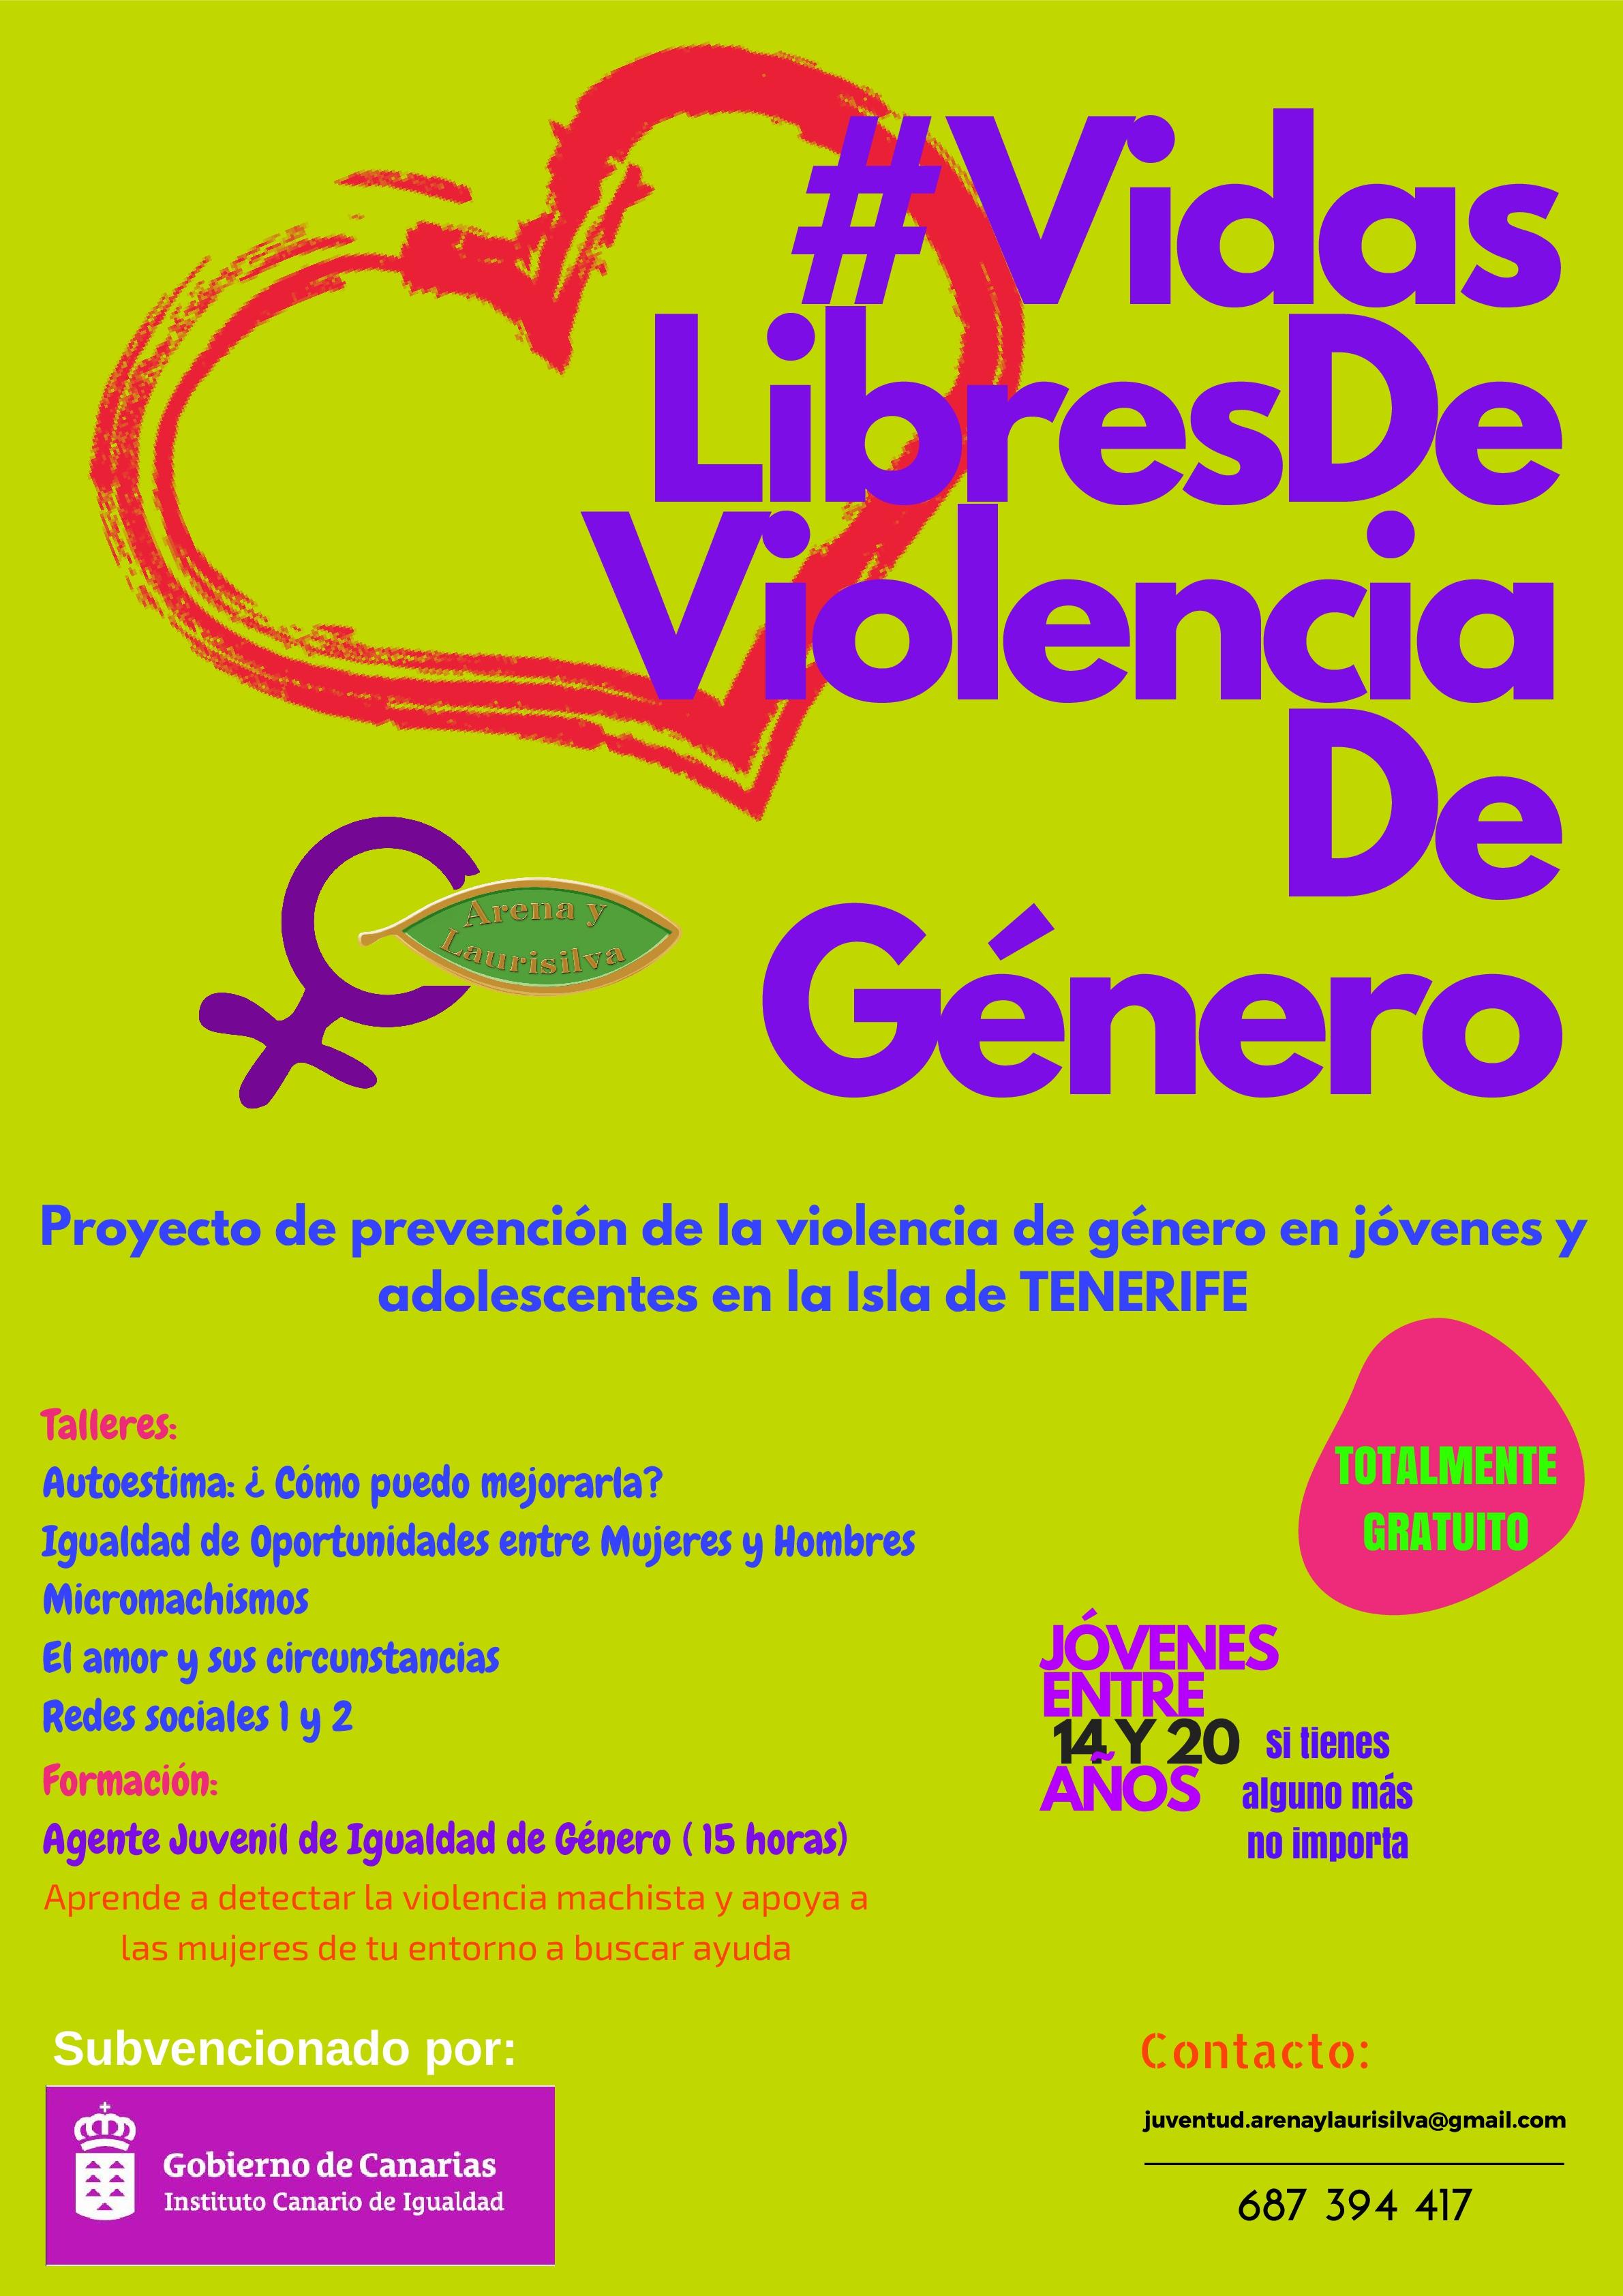 Vidas Libres de Violencia de Geěnero DEFINITIVO-001.jpg